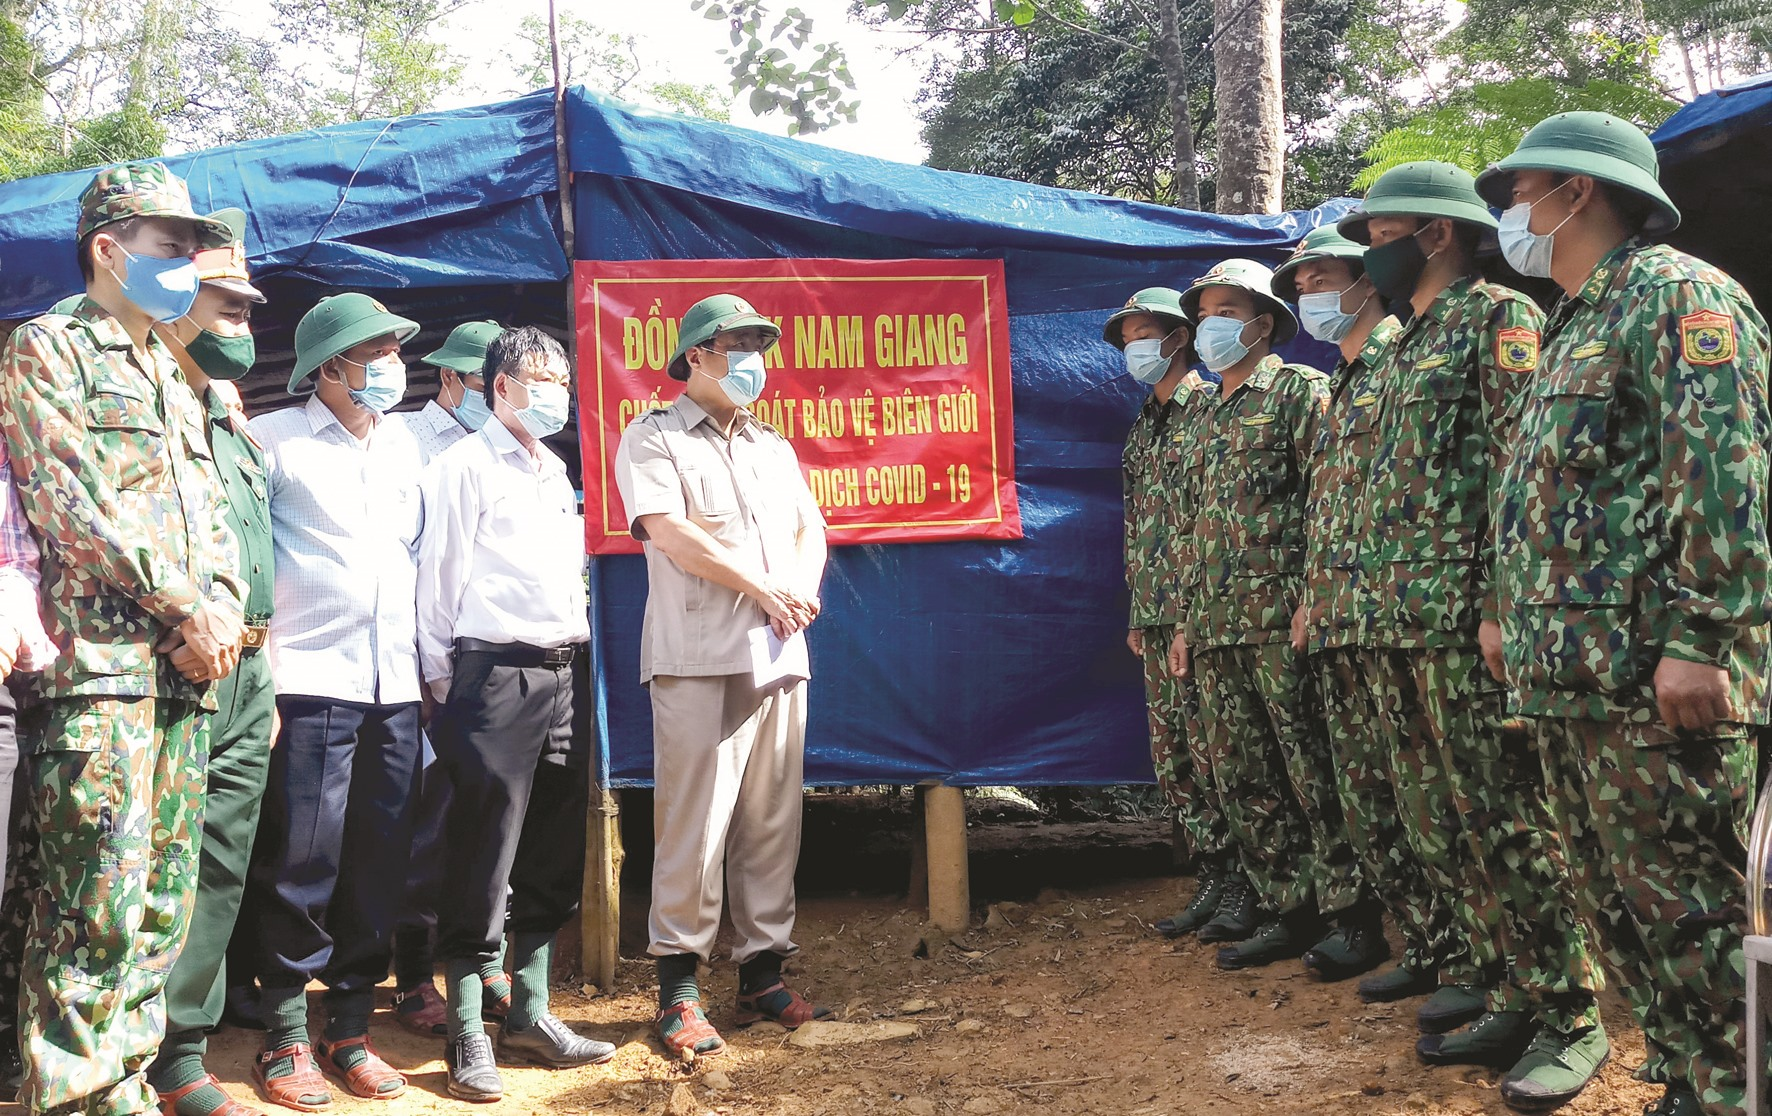 Bí thư Tỉnh ủy Phan Việt Cường động viên các chiến sĩ làm nhiệm vụ trực gác bảo vệ biên giới. Ảnh: ALĂNG NGƯỚC